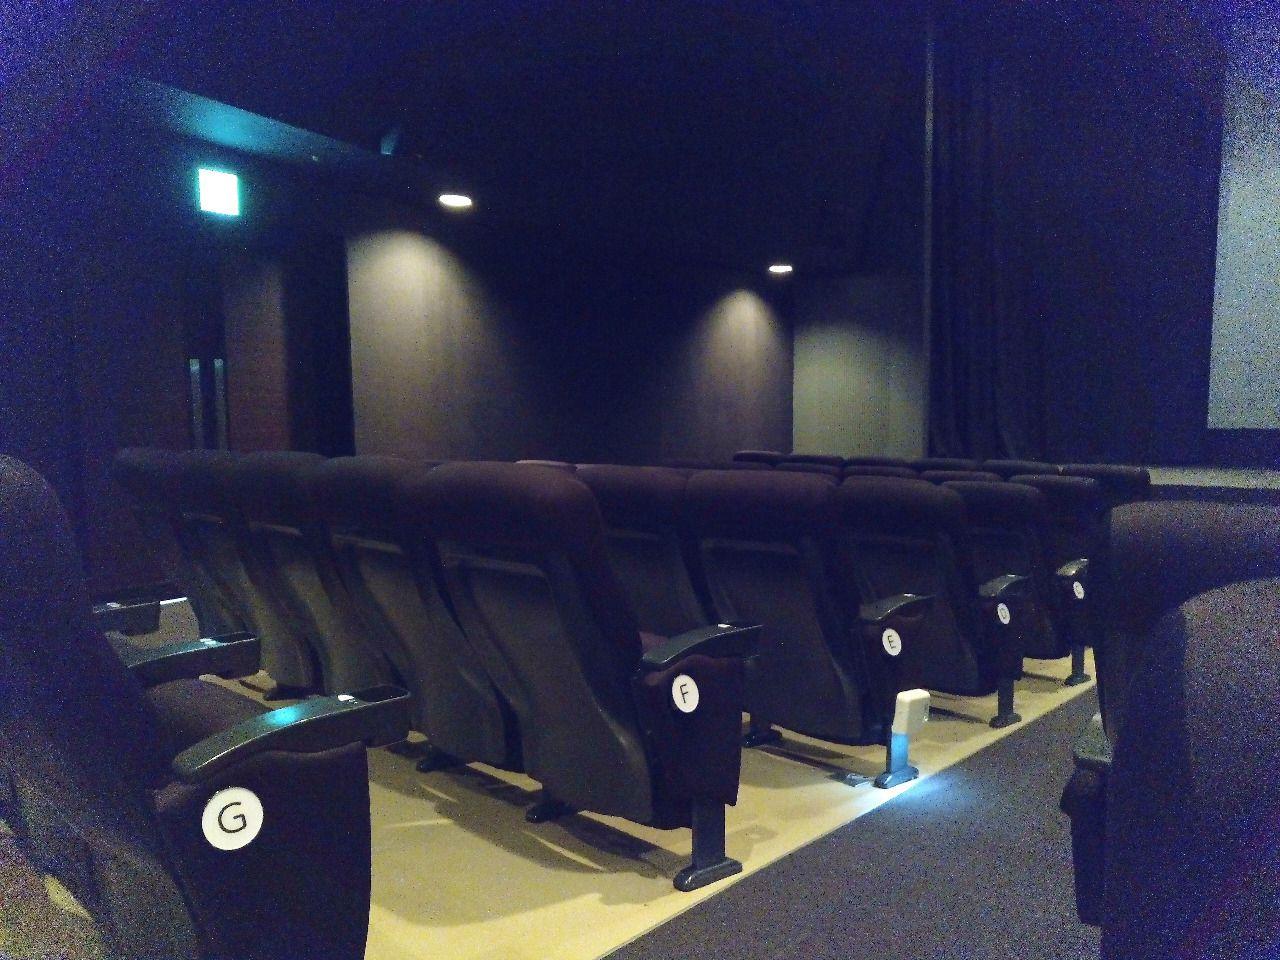 吉祥寺駅前の映画館オデオンは落ち着いた館内です